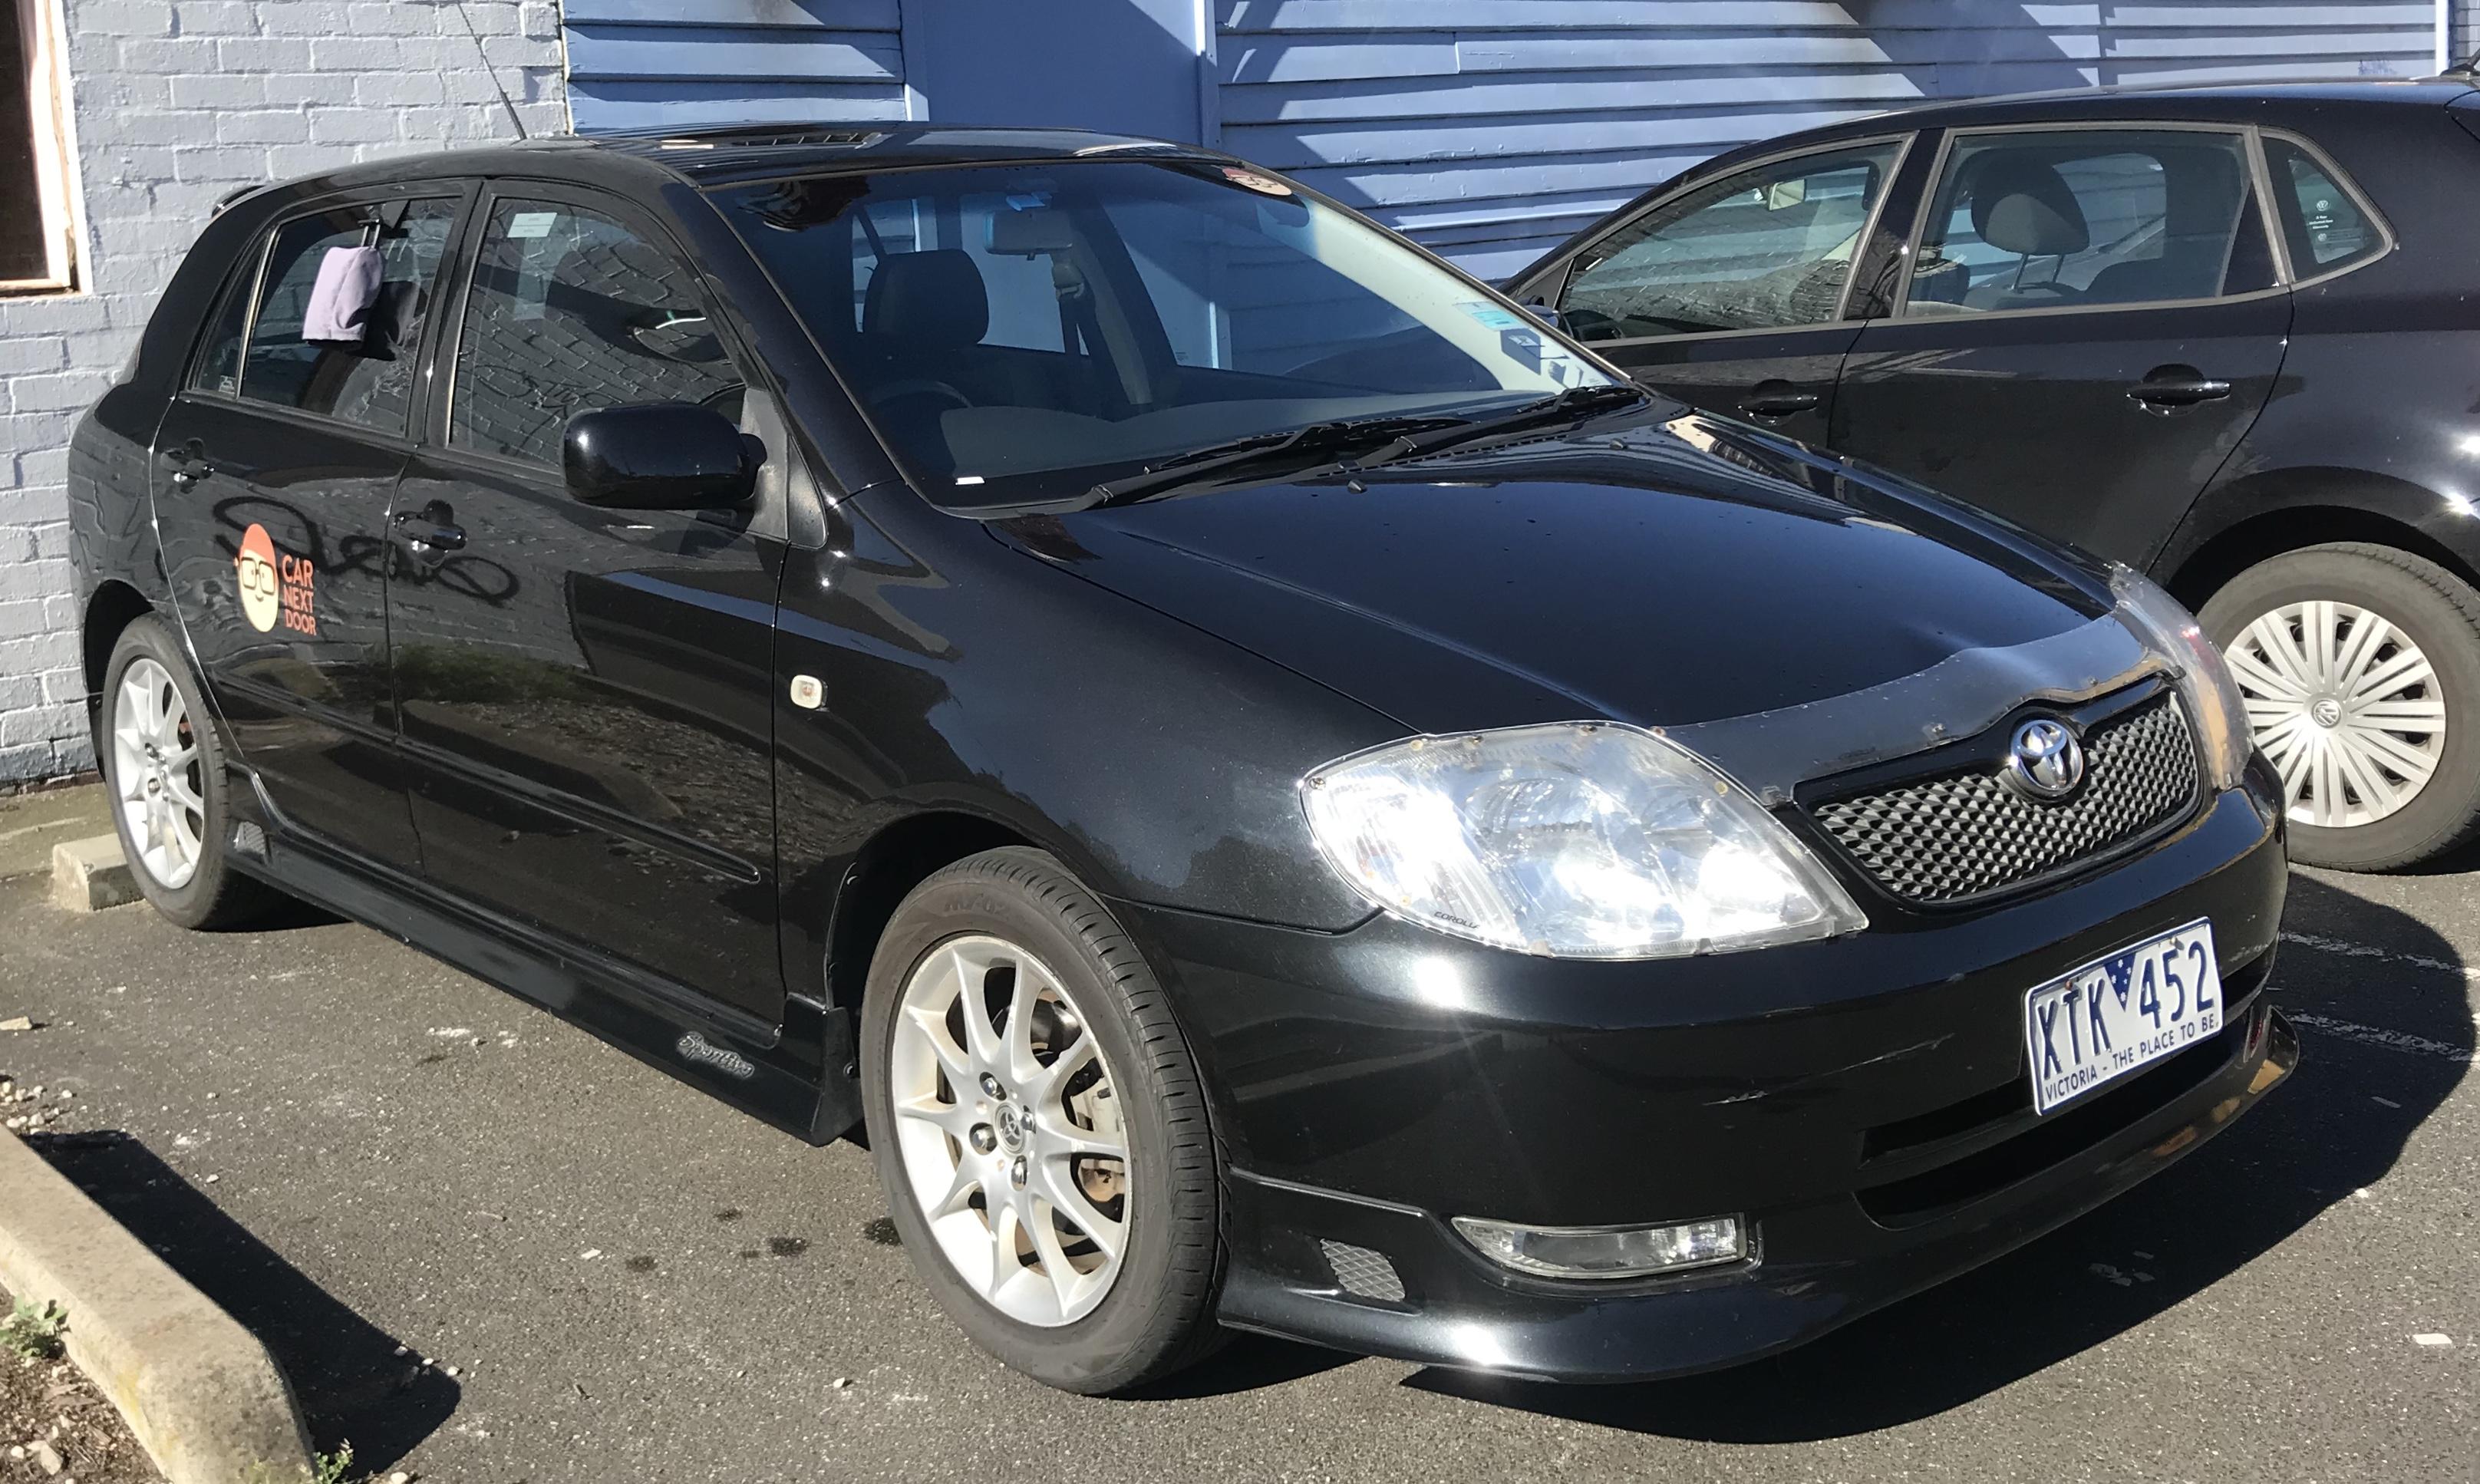 Picture of Joshua's 2003 Toyota Corolla Sportivo